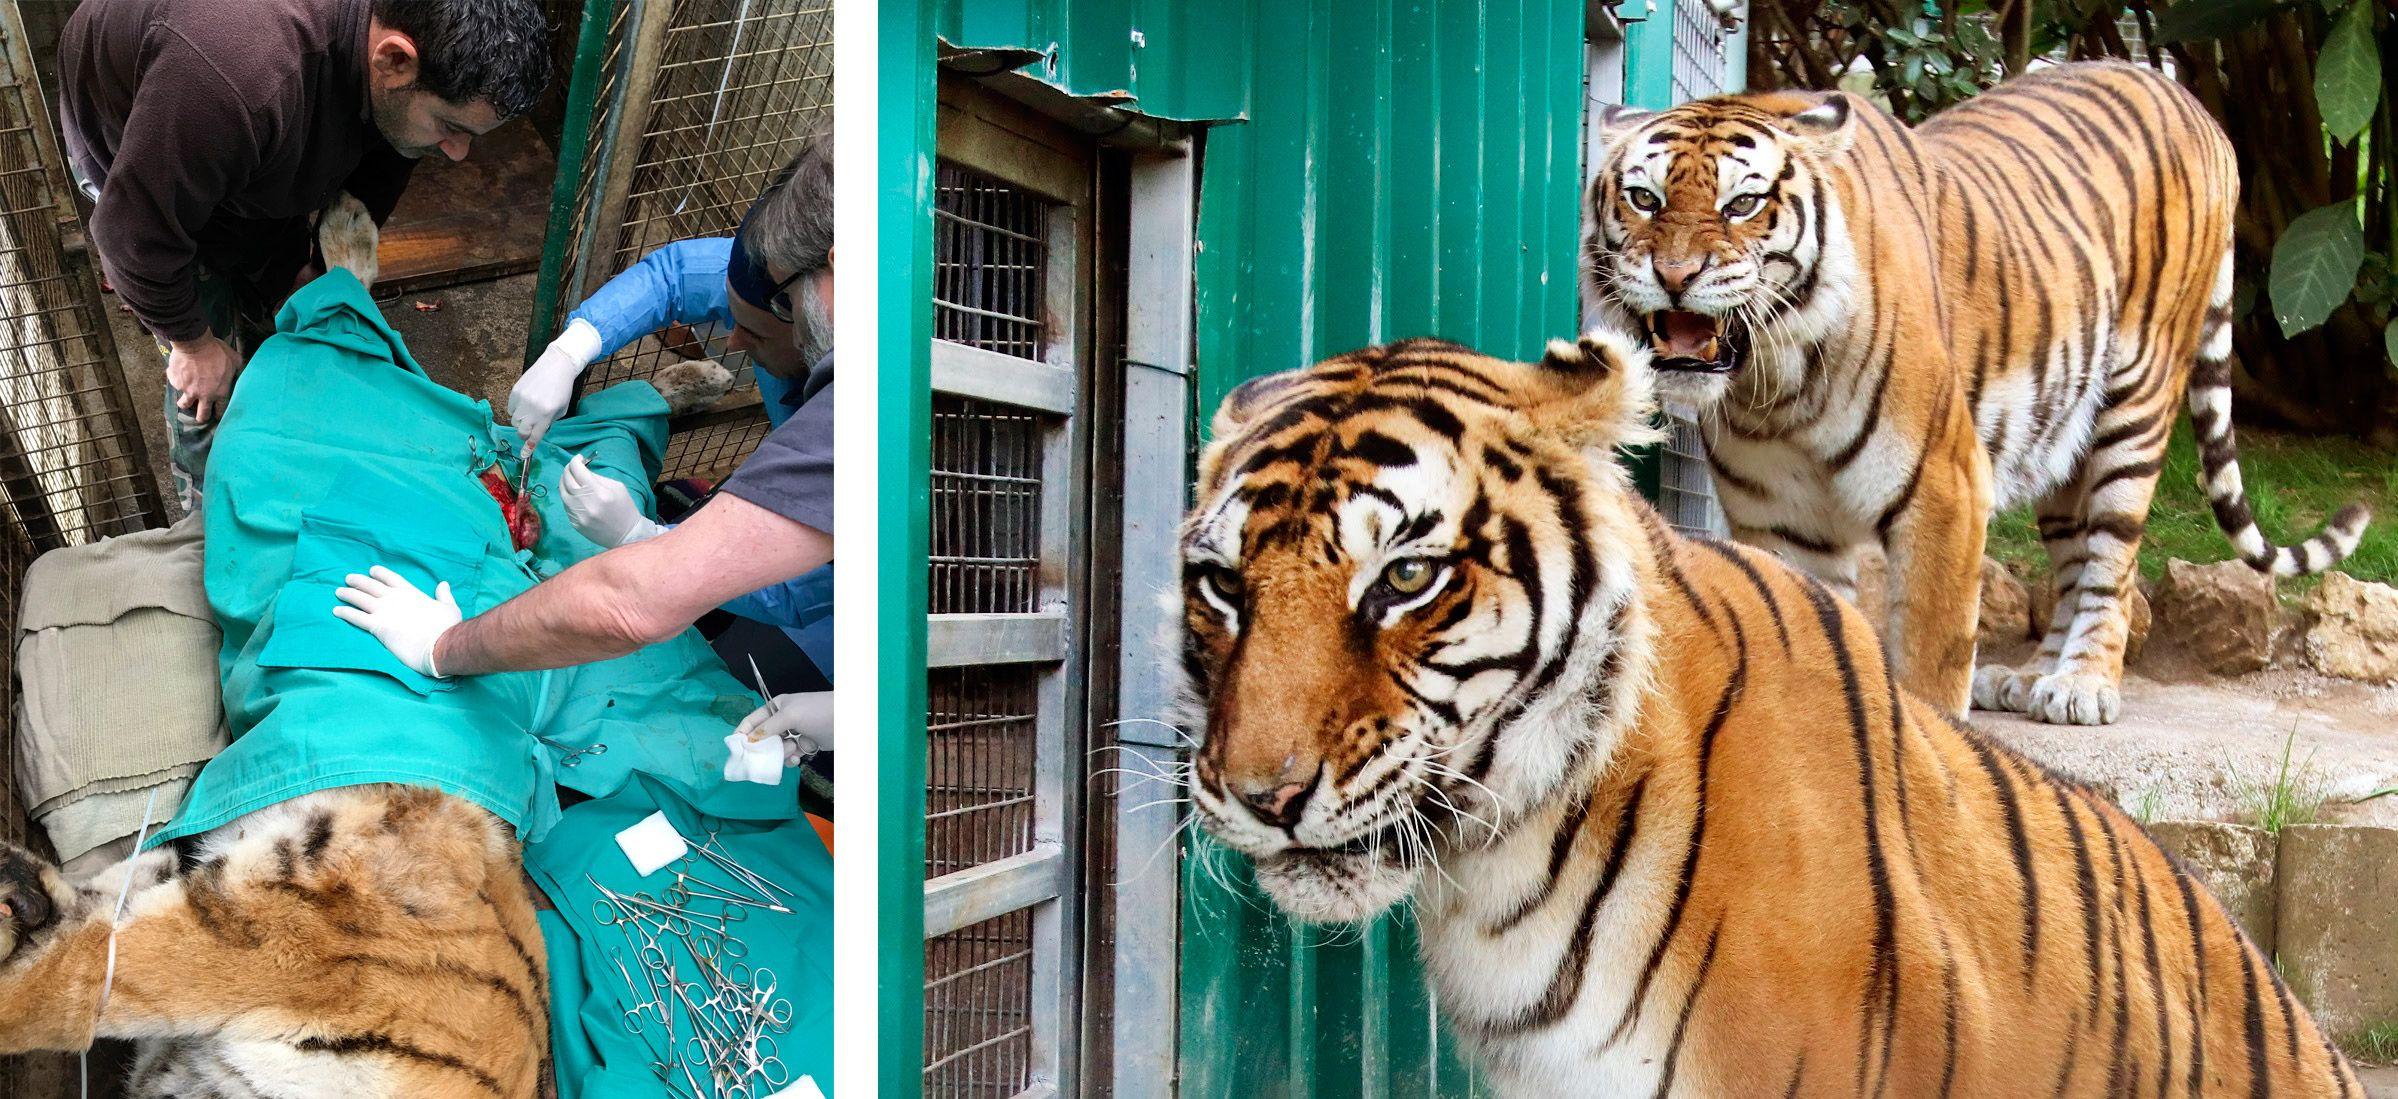 """Izda., operando a la tigresa """"Diana"""" de un cáncer de mama; dcha., las tigresas """"Zita"""" y """"Diana"""""""